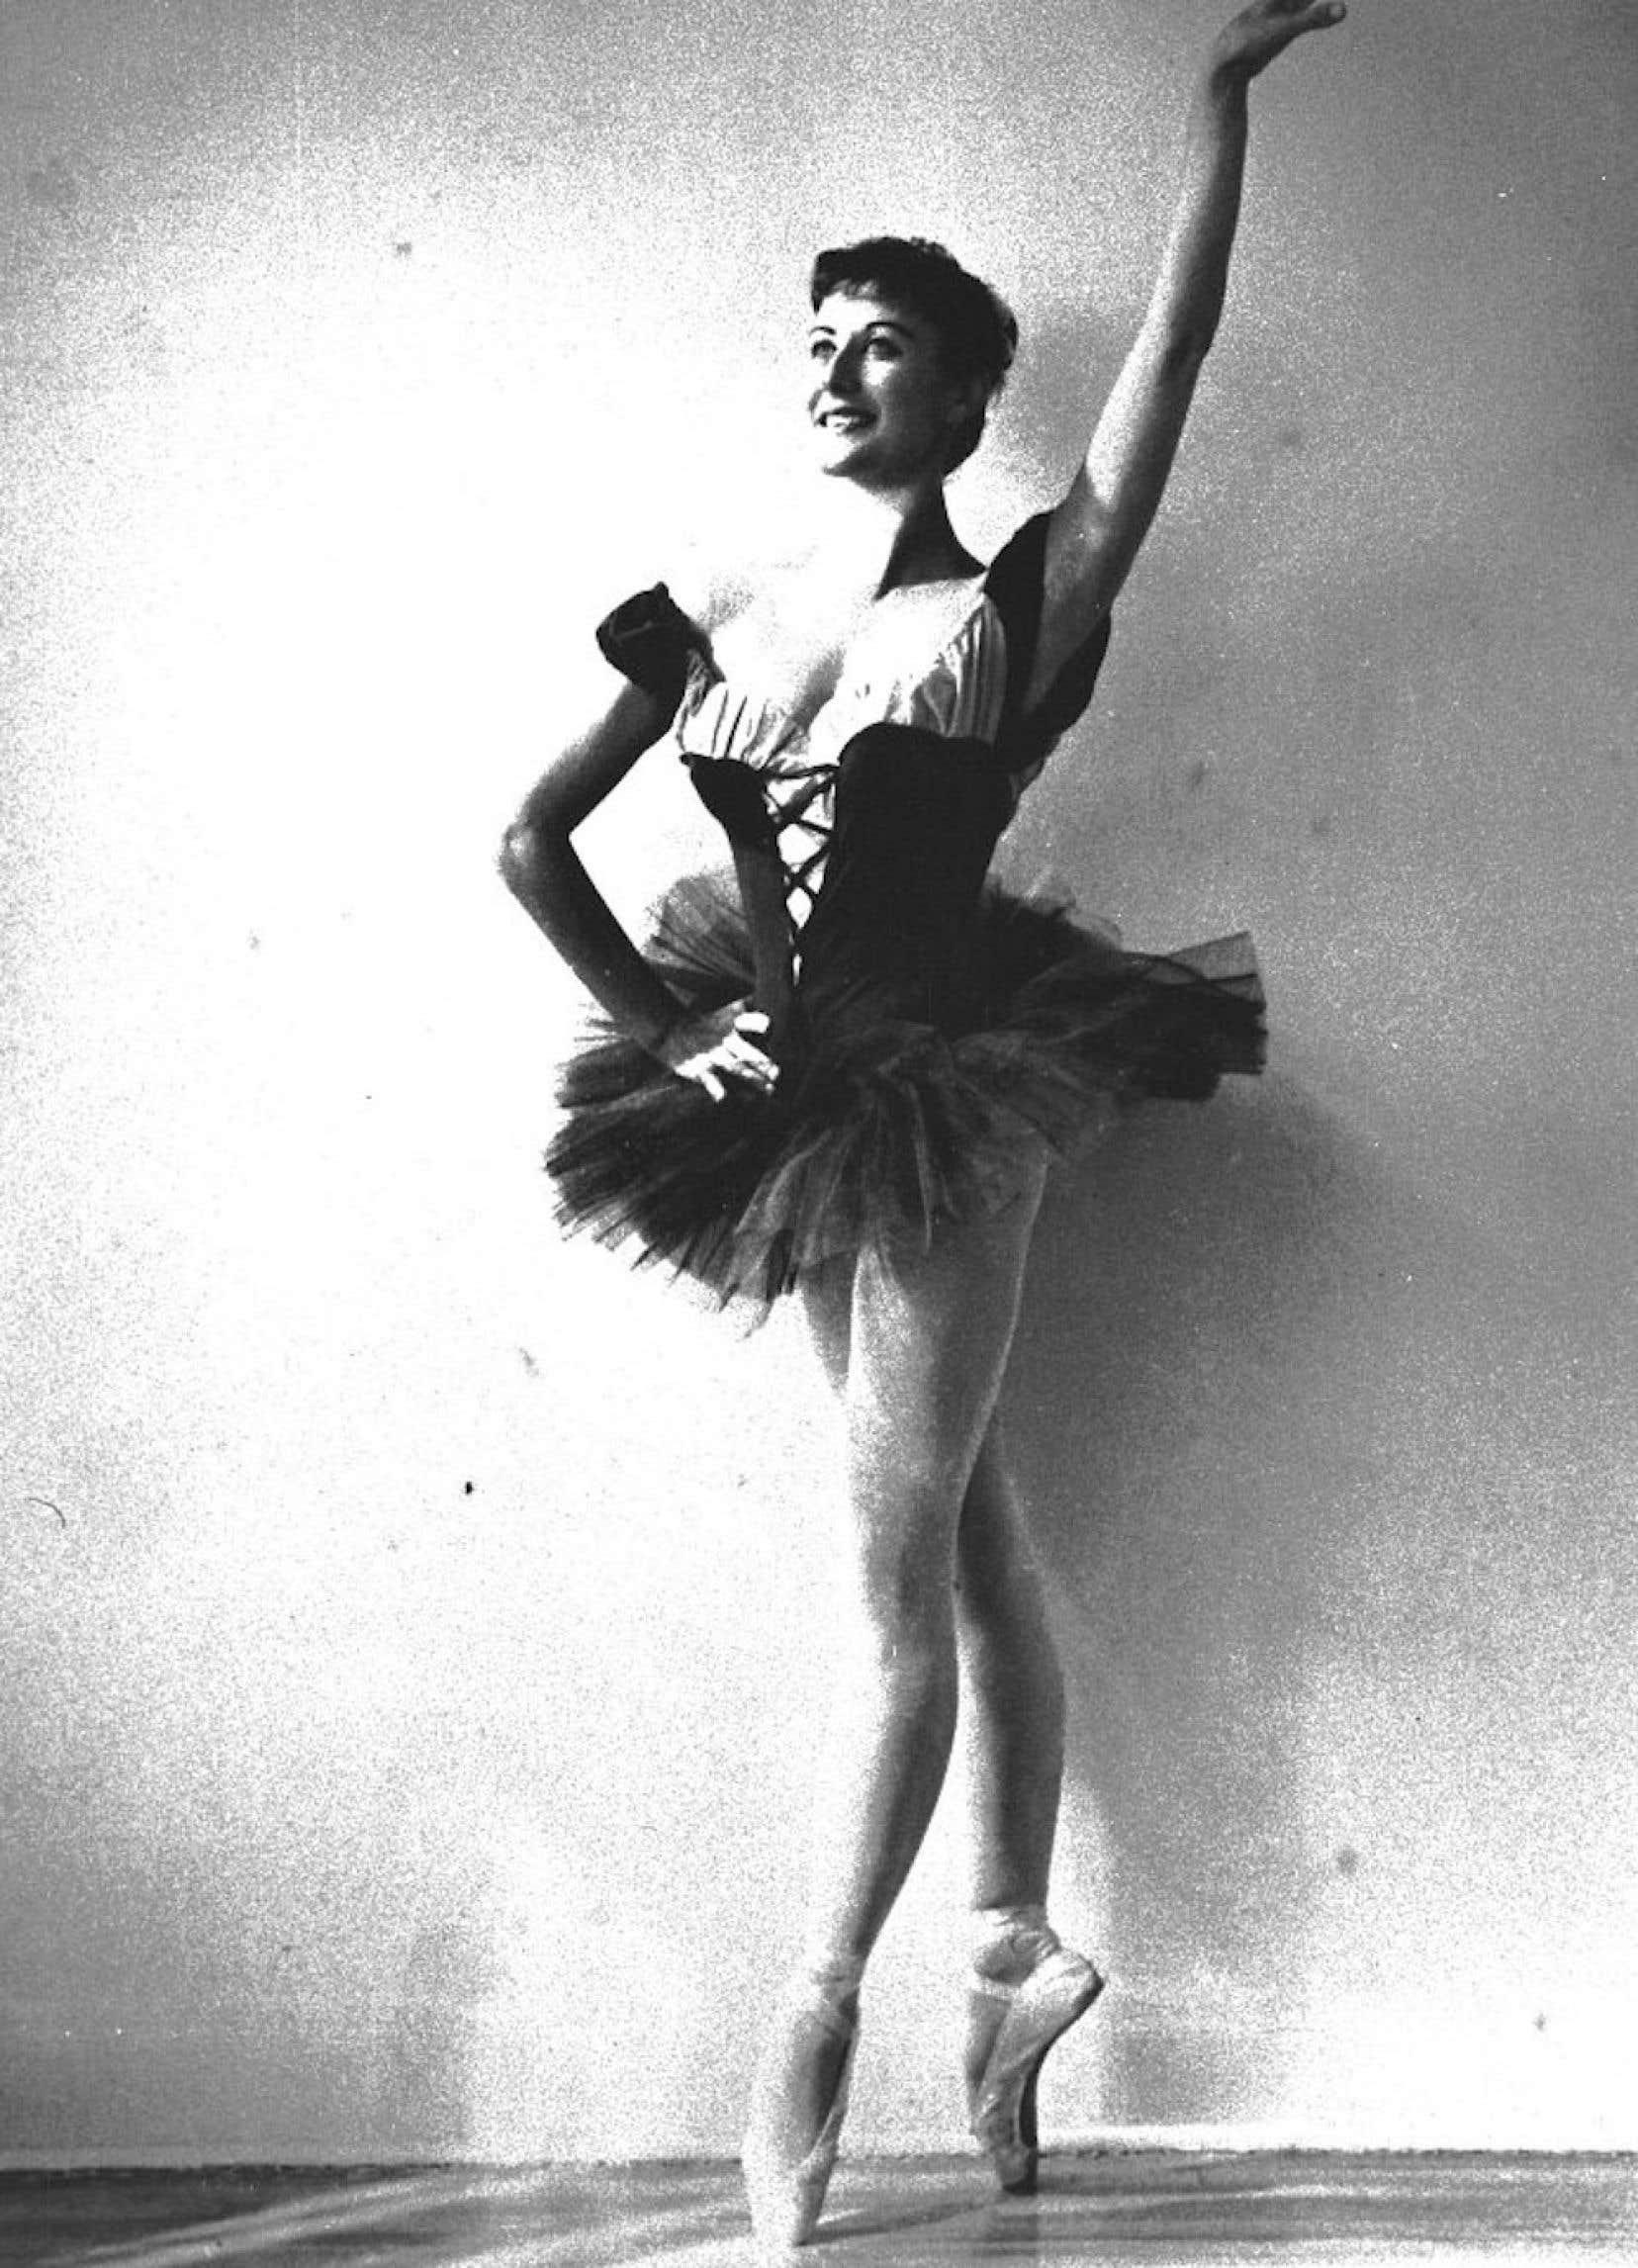 Dans les années 1950, Eva von Gencsy a incarné les grands classiques du ballet à la télévision de Radio-Canada tels Coppelia et Le lac des cygnes ainsi que les spectacles de variétés qui faisaient alors le beau temps du petit écran.